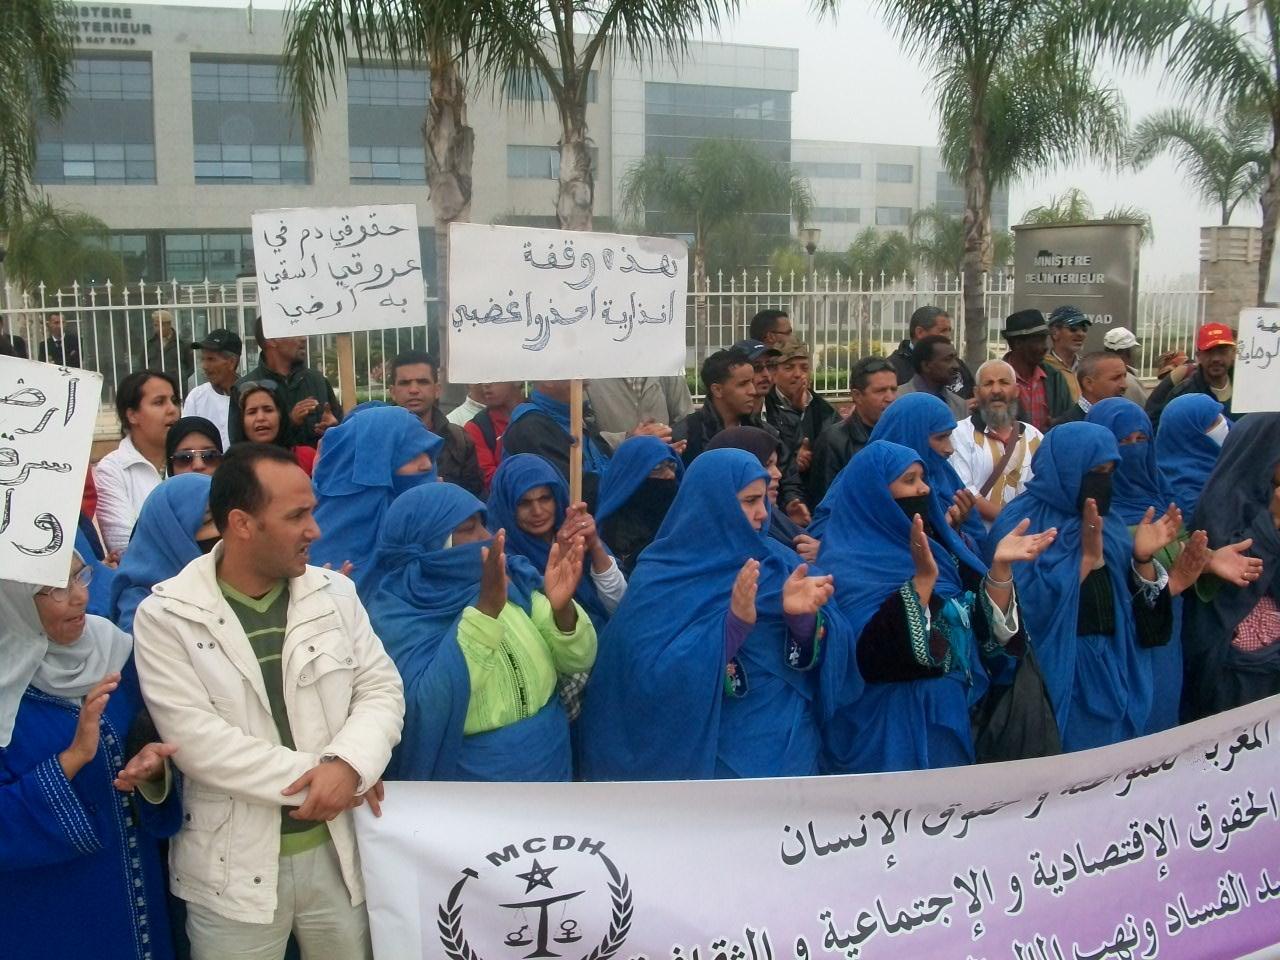 تحفيظ أراضي الجموع لغير ملاكها يخرج سلاليي تارودانت للاحتجاج أمام المحكمة والمحافظة بتارودانت